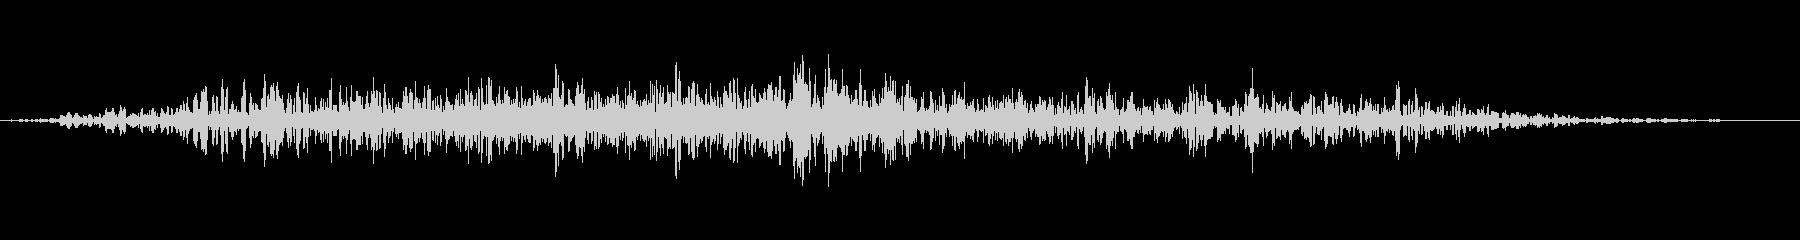 ヒューヒュー 24の未再生の波形